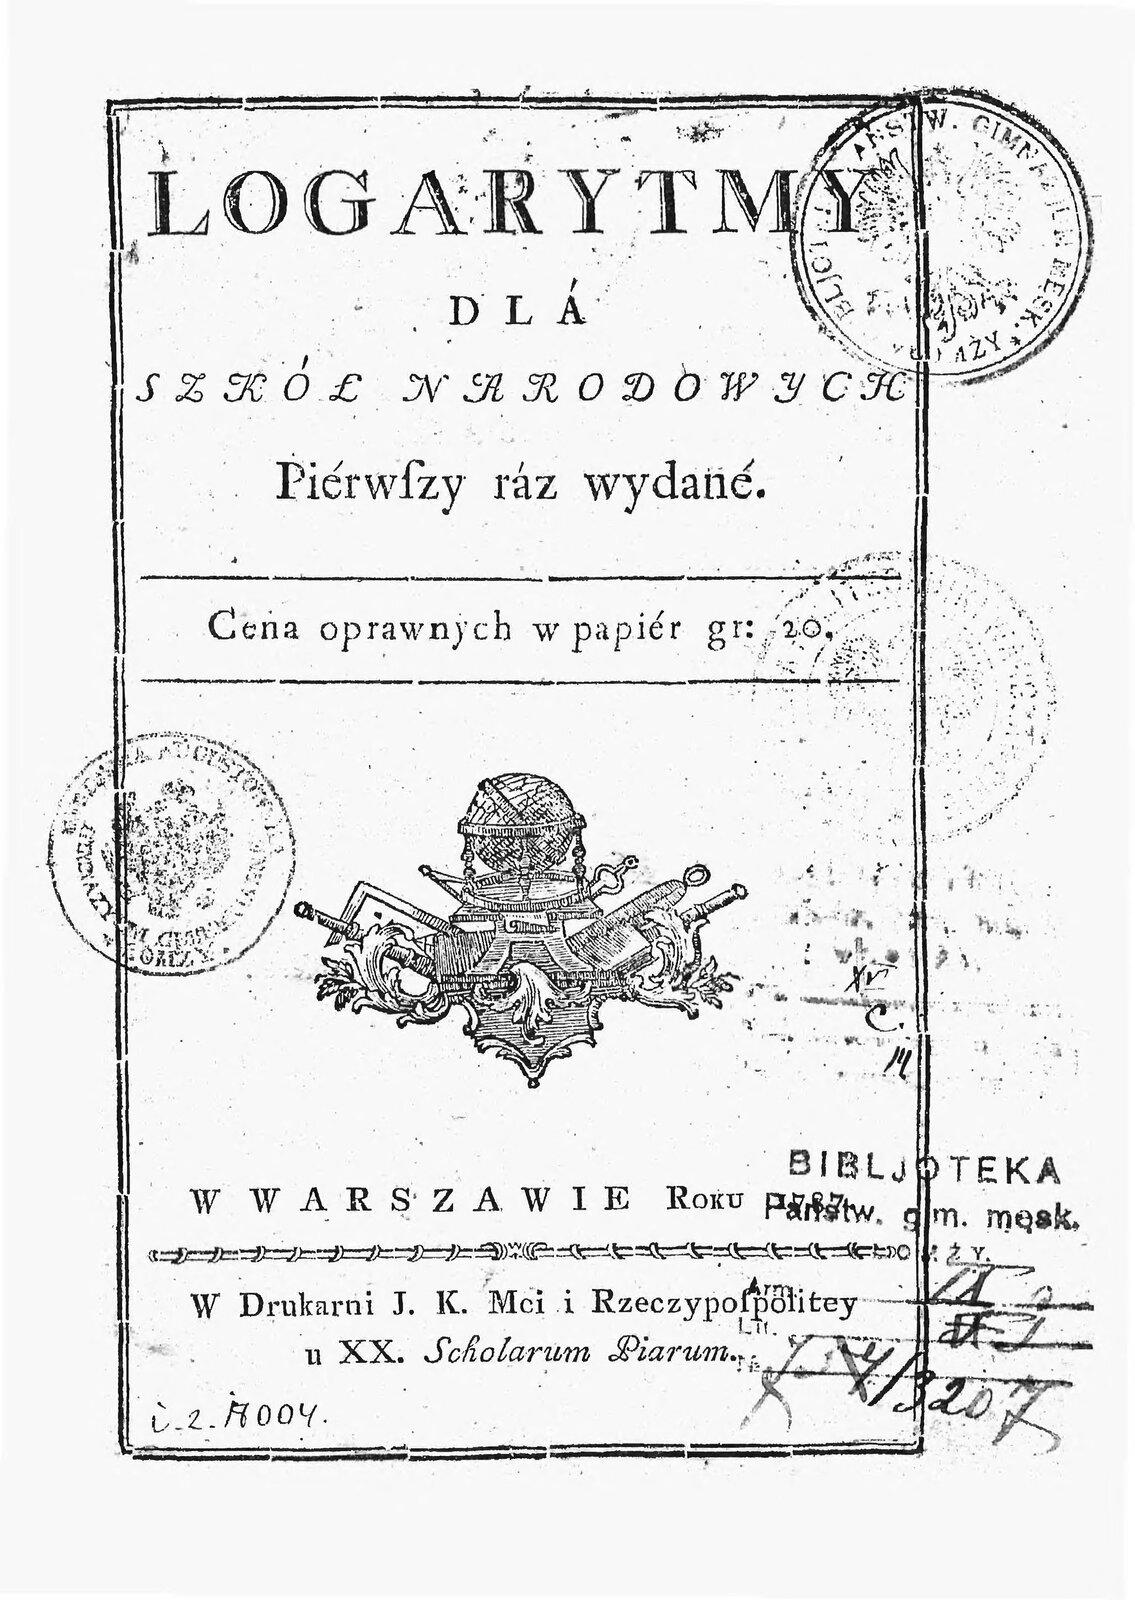 Logarytmy dla szkół narodowych Logarytmy dla szkół narodowych Źródło: Ignacy Zaborowski, 1787, domena publiczna.